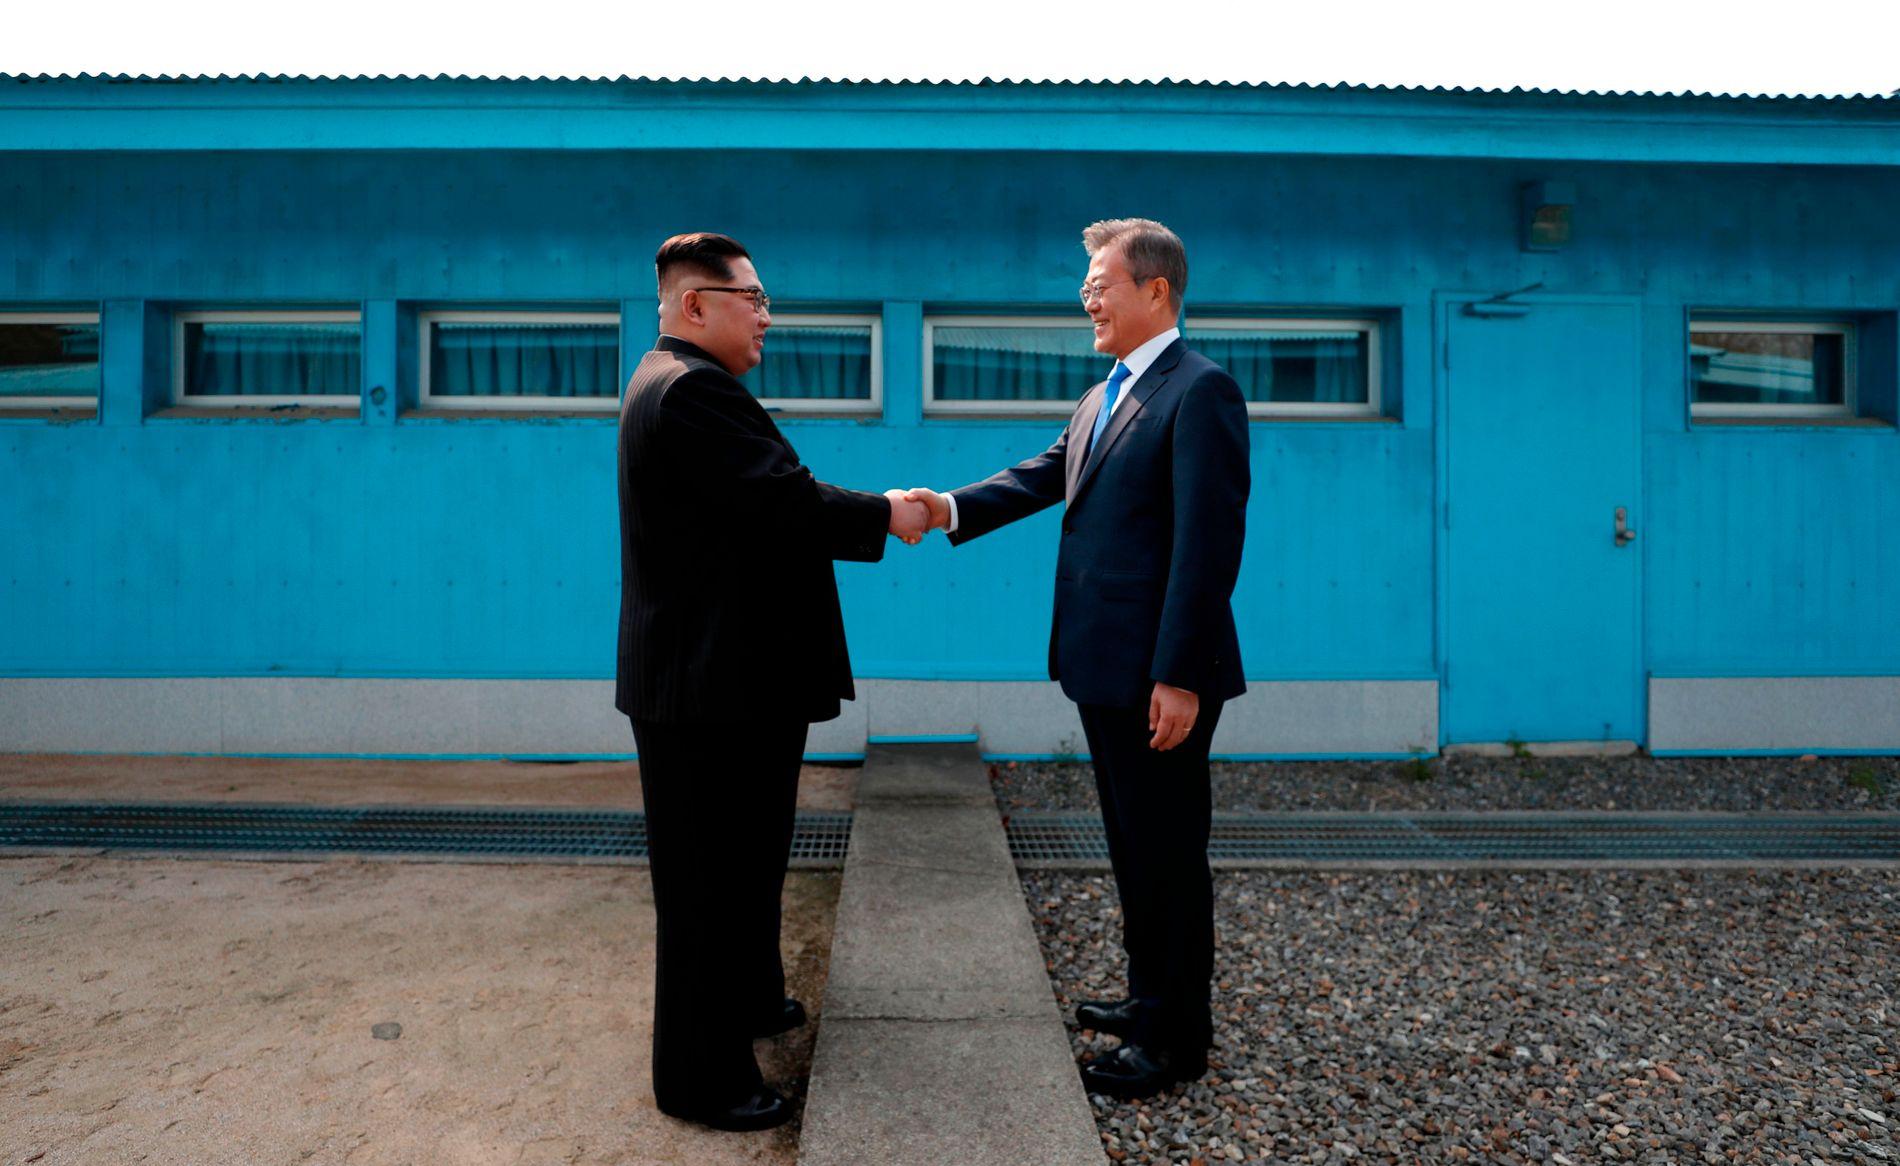 HÅNDTRYKK PÅ GRENSEN: Fredag møttes Nord-Koreas leder Kim Jong-un Sør-Koreas president Moon Jae-in og lovet å jobbe for atomnedrustning på Koreahalvøya.